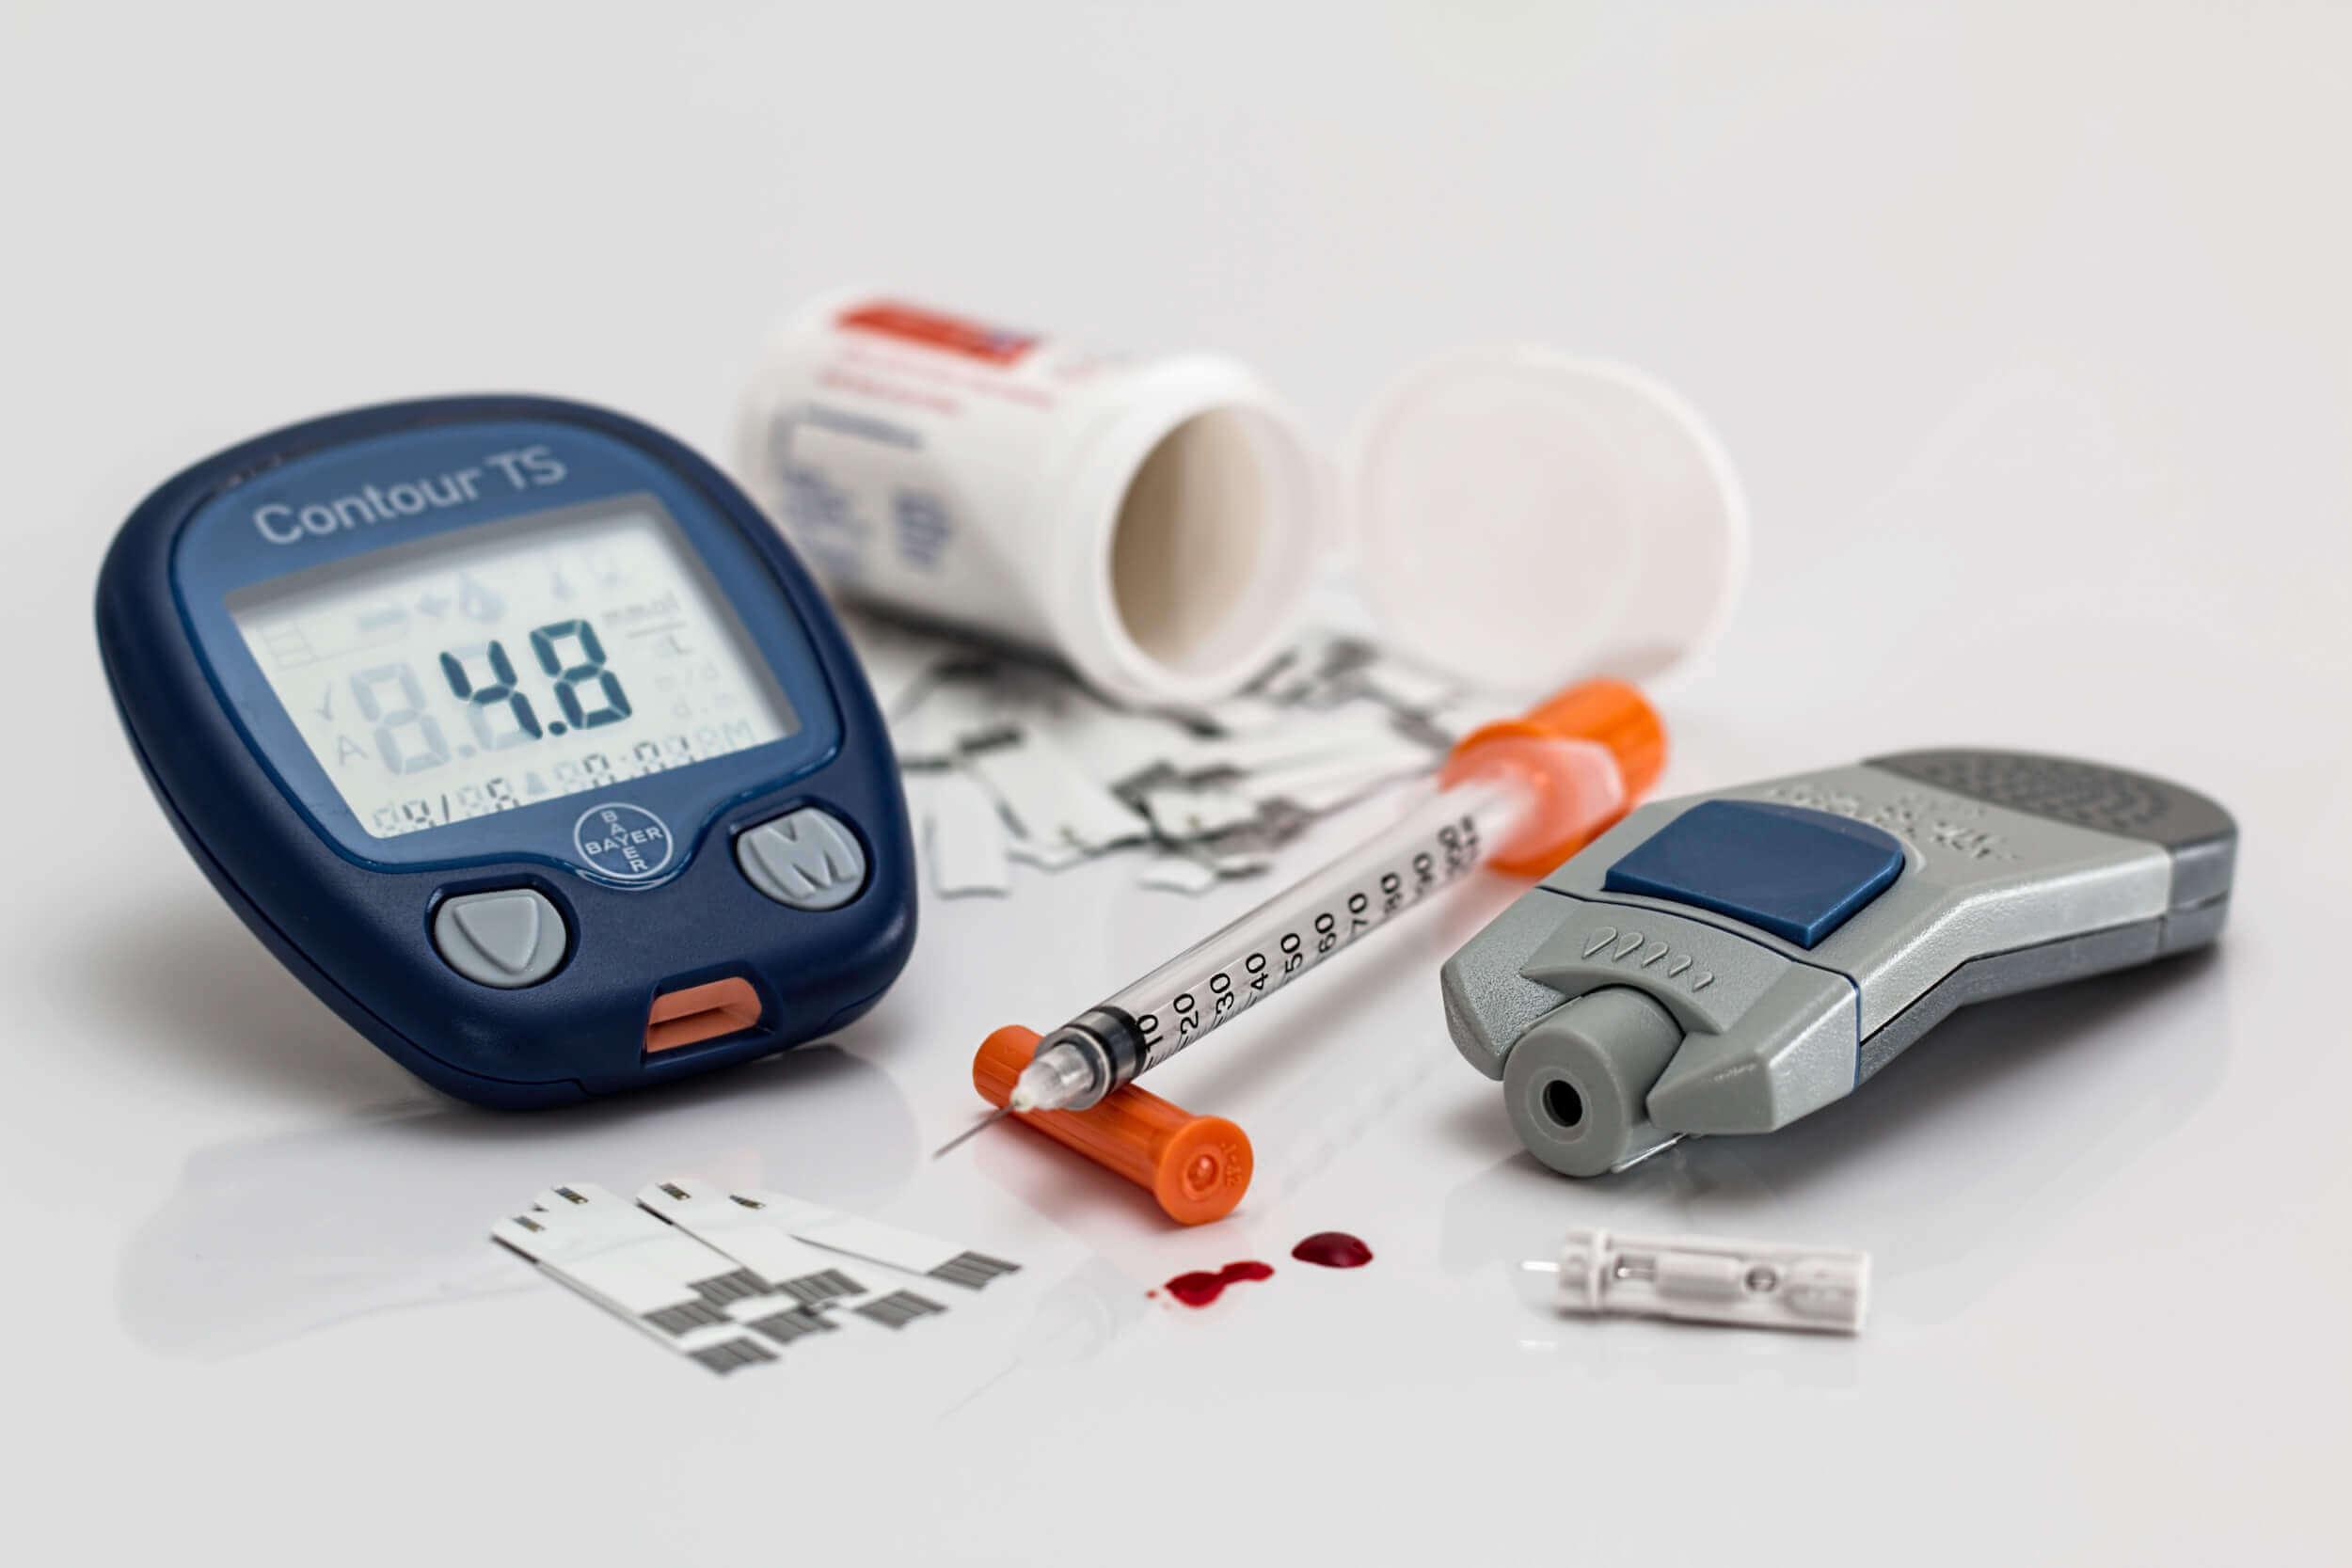 Bluttest - nicht nur zur Diabetesfeststellung (c) stevepb / pixabay.de